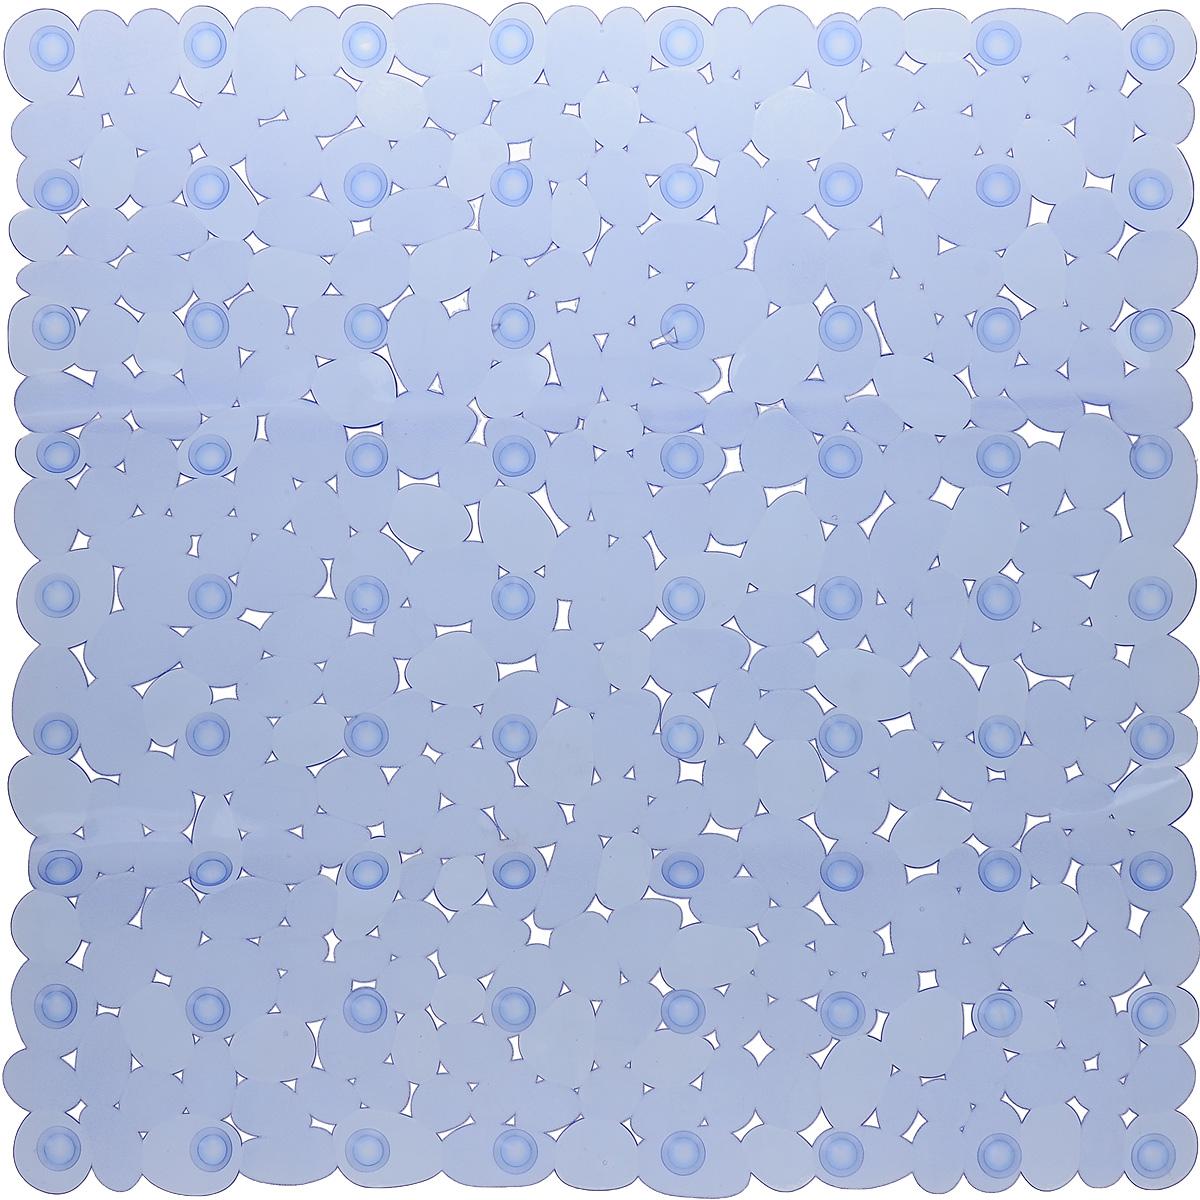 Коврик для ванной Axentia Галька, противоскользящий, на присосках, цвет: синий, 52 х 52 см106-029Квадратный коврик для ванной Axentia Галька изготовлен из ПВХ. Это прочный противоскользящий материал, который отлично подойдет для помещений с повышенной влажностью. Коврик противоскользящий, поэтому его удобно использовать в душевой кабине или ванне. Крепится к поверхности при помощи на присосок. Легко моется и не оставляет следов.